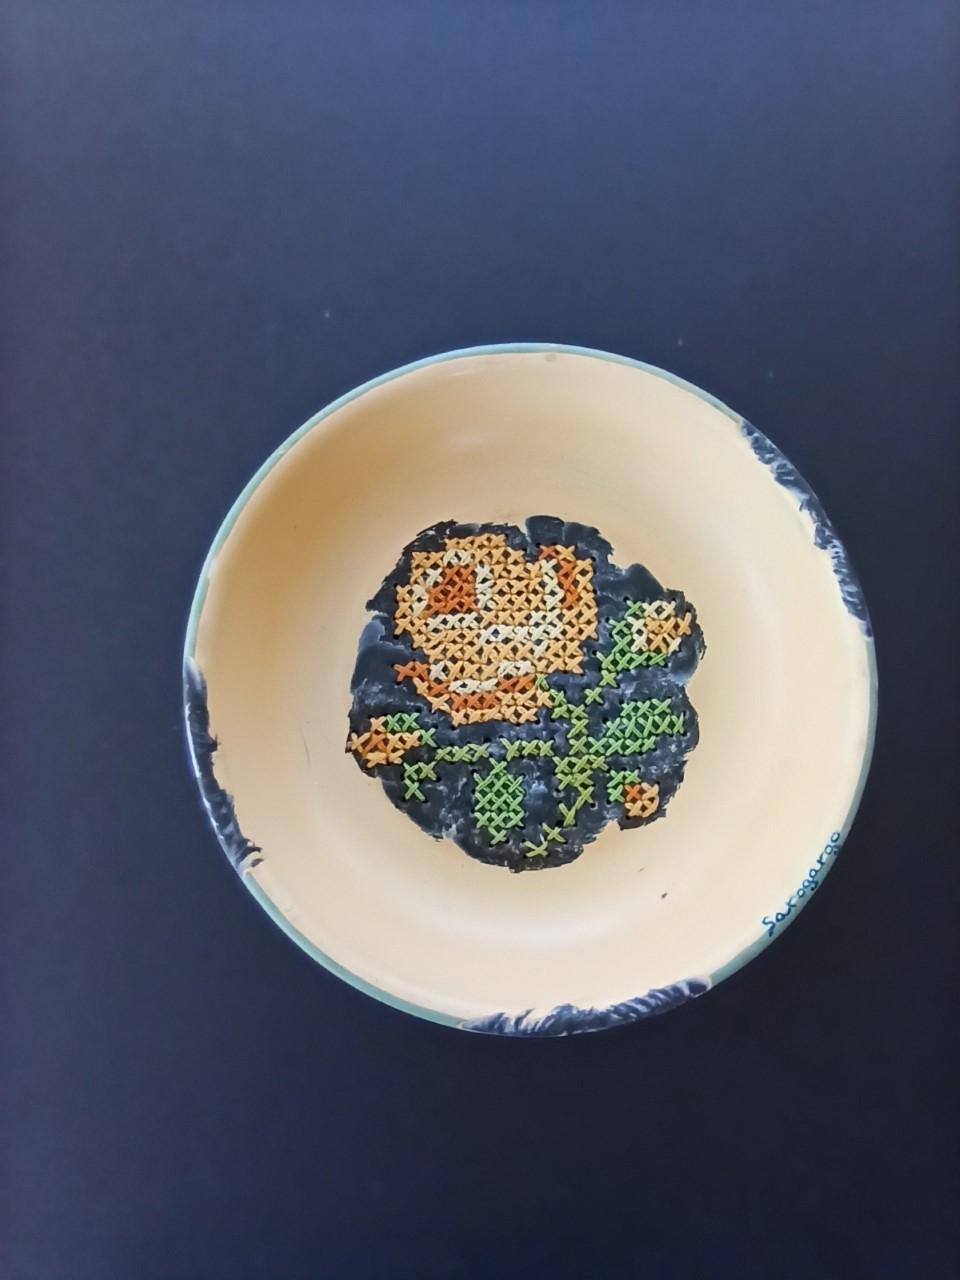 Mi preciosa vajilla de porcelana floreada P5 (2019) - Mª Rosario García Gómez - SAROGARGO